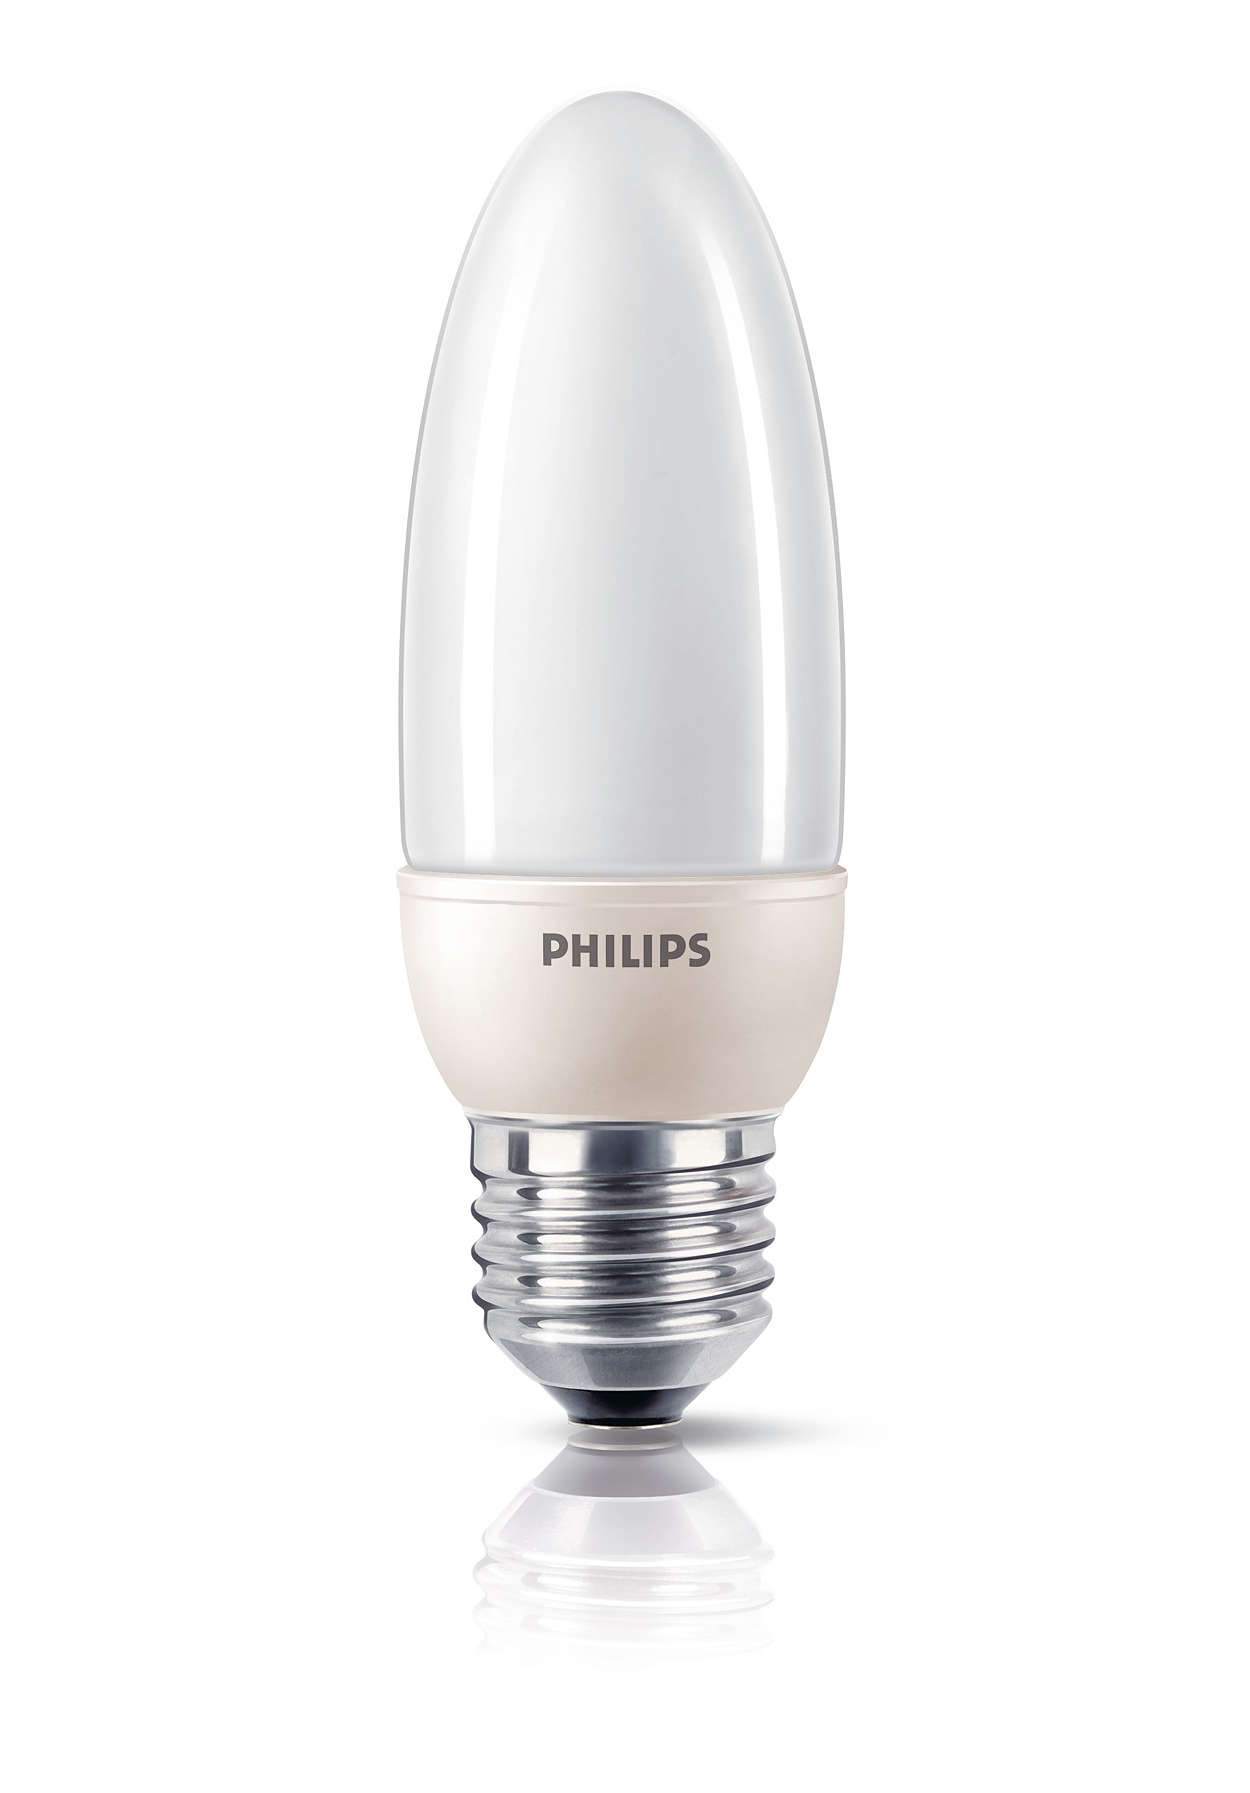 Po prostu światło — energooszczędna świetlówka w kształcie świecy